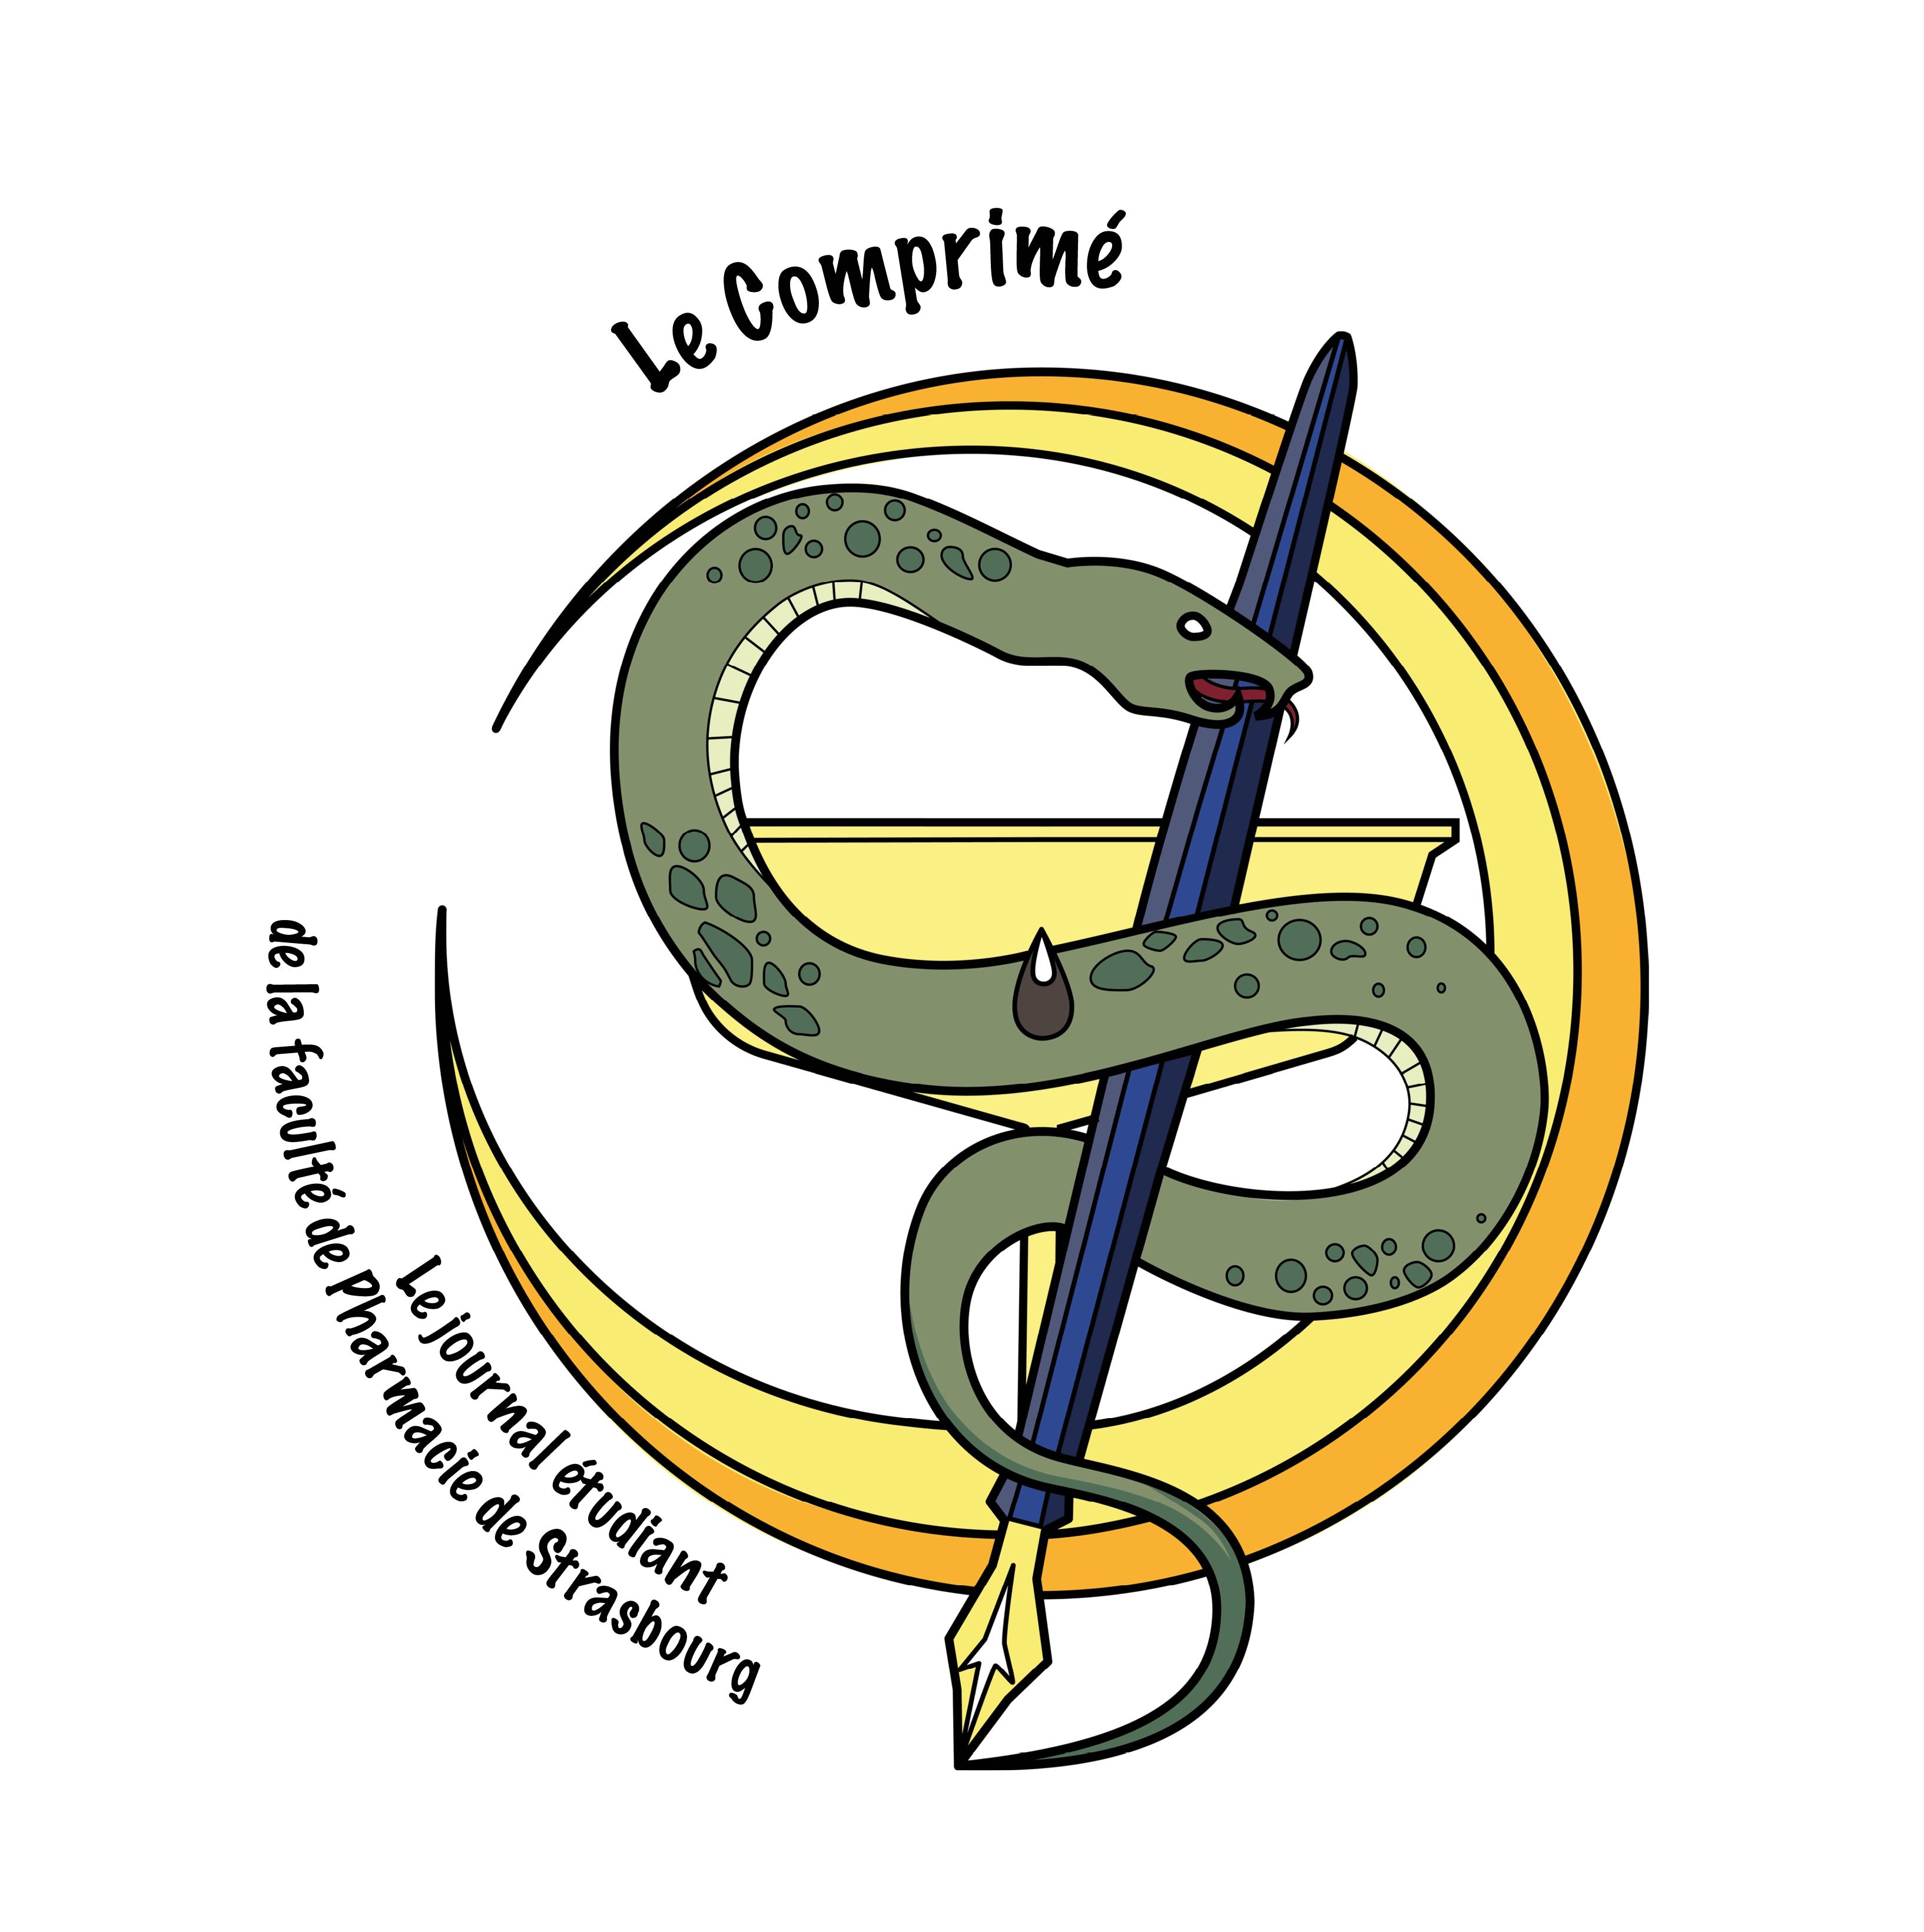 Logo-Association-Le-Comprime